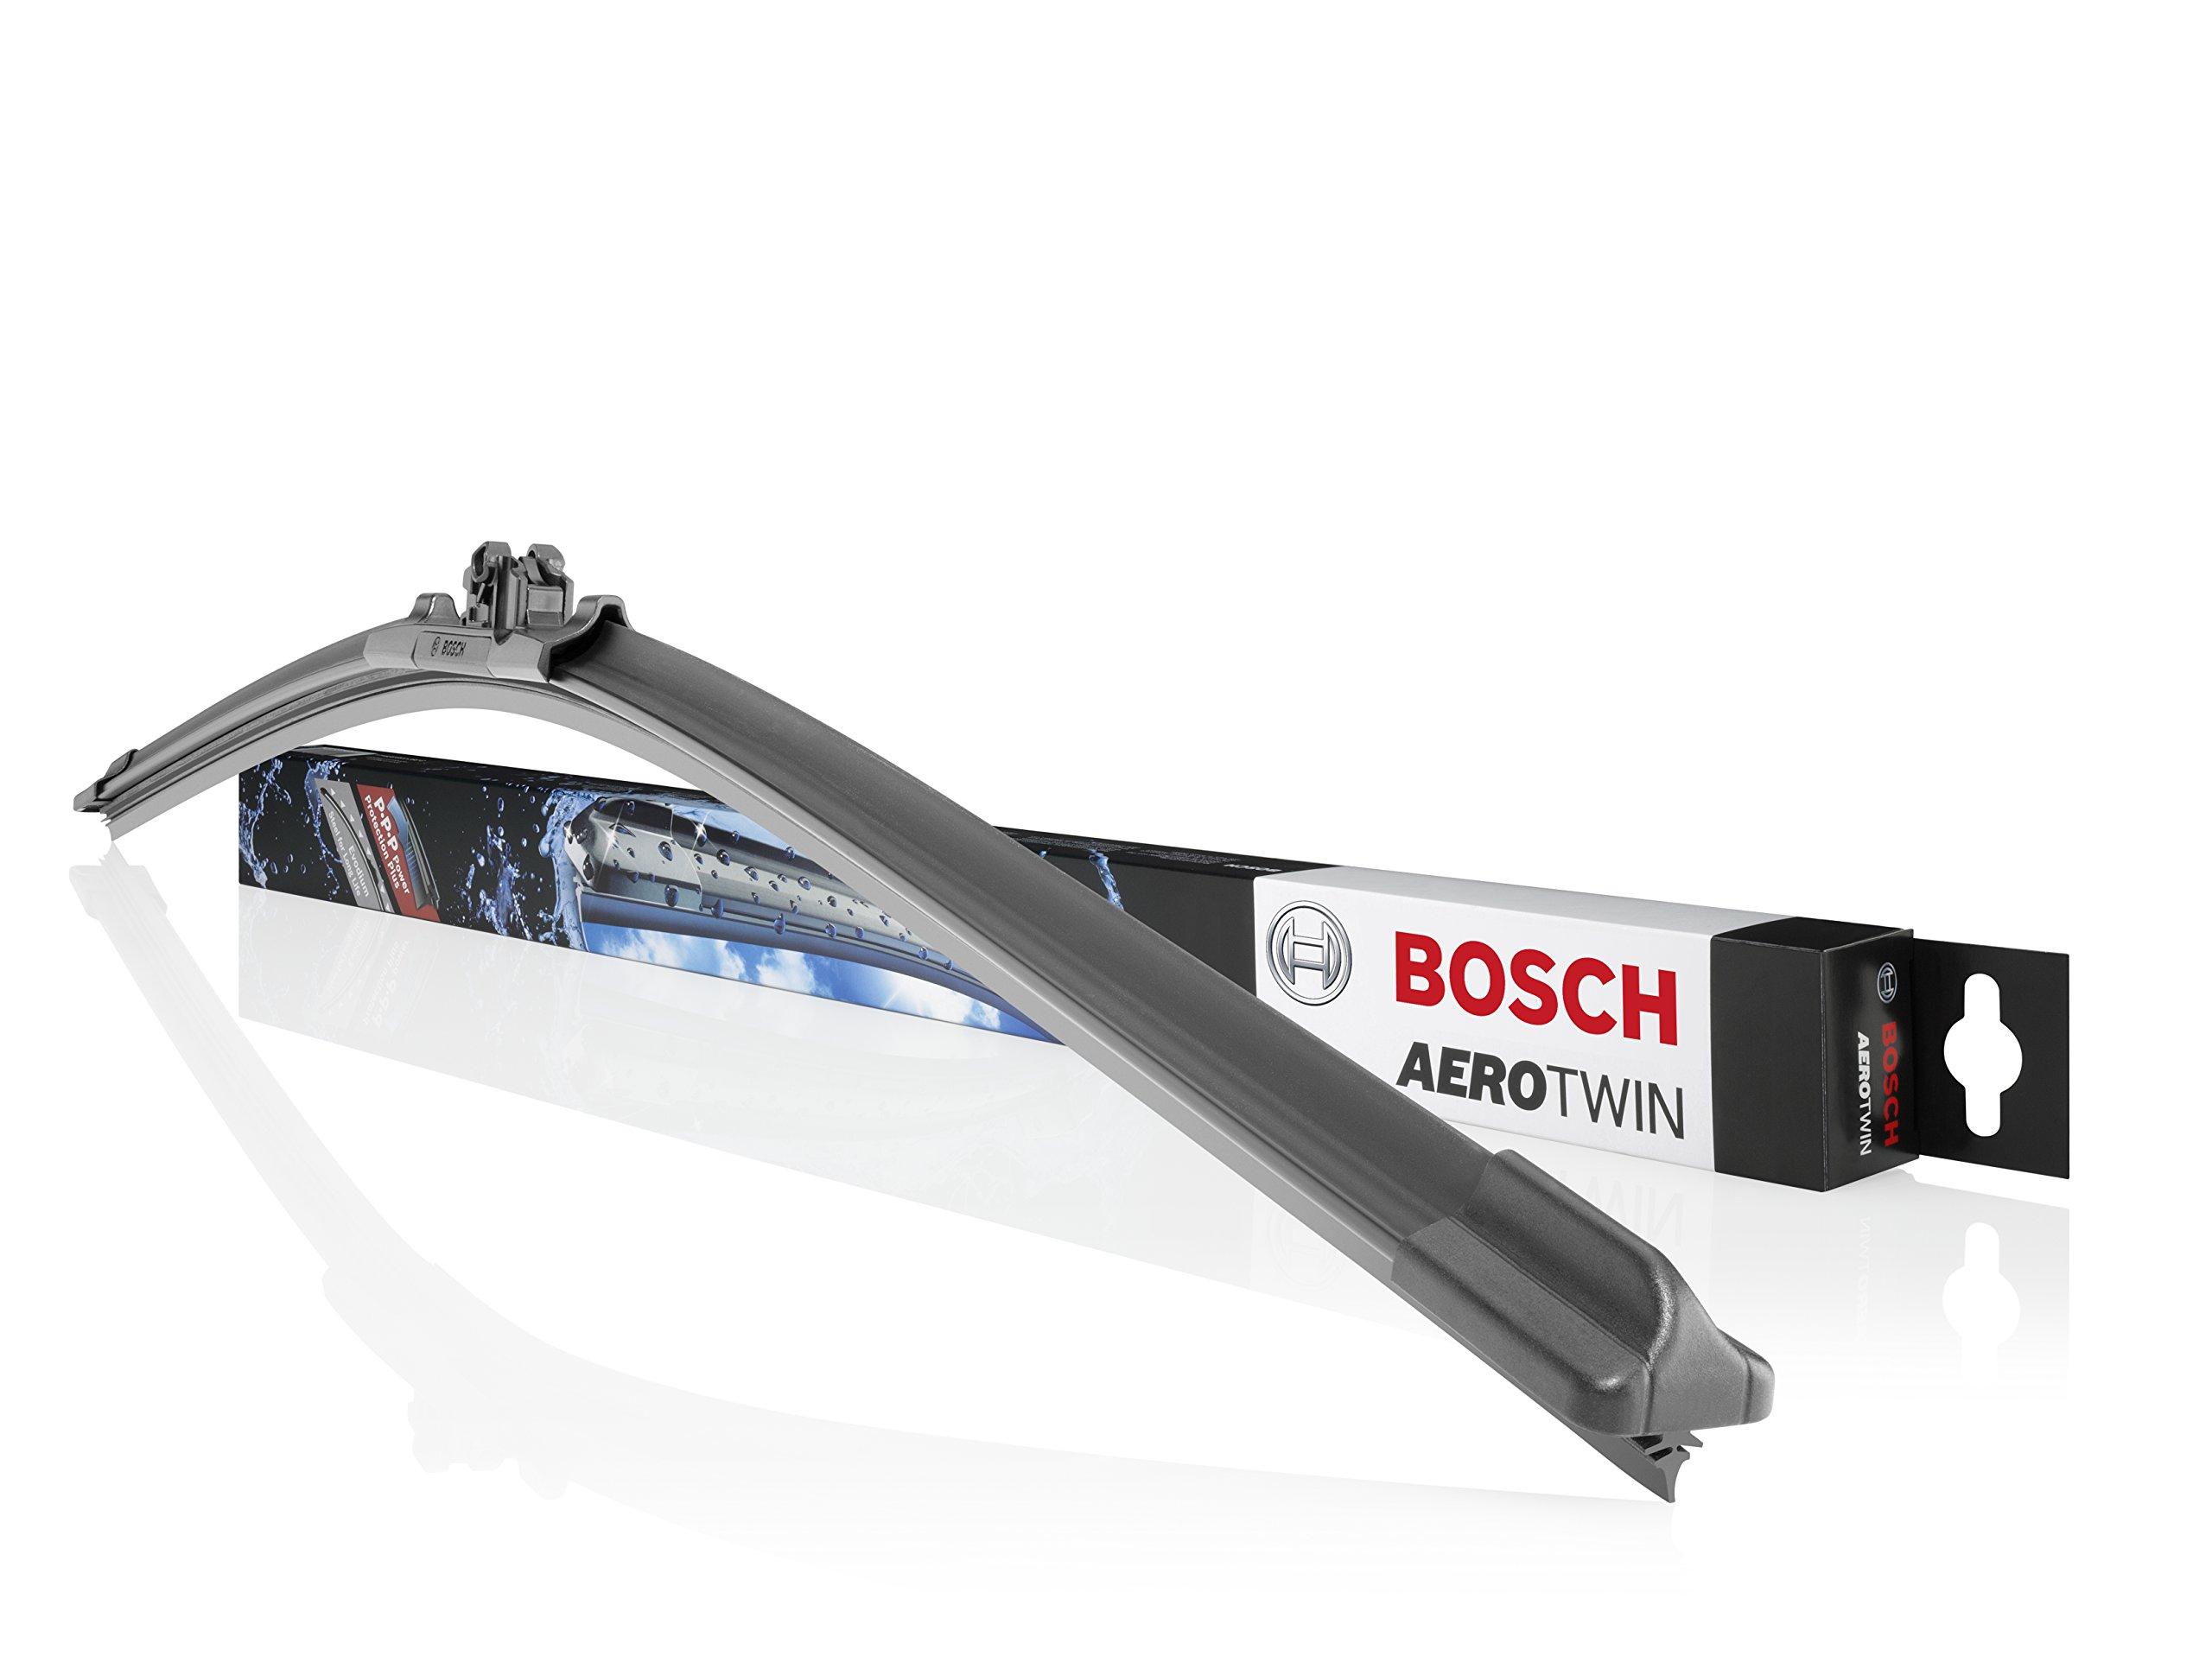 BOSCH AP24U Aerotwin Wiperblade, 24-inch/ 600 mm